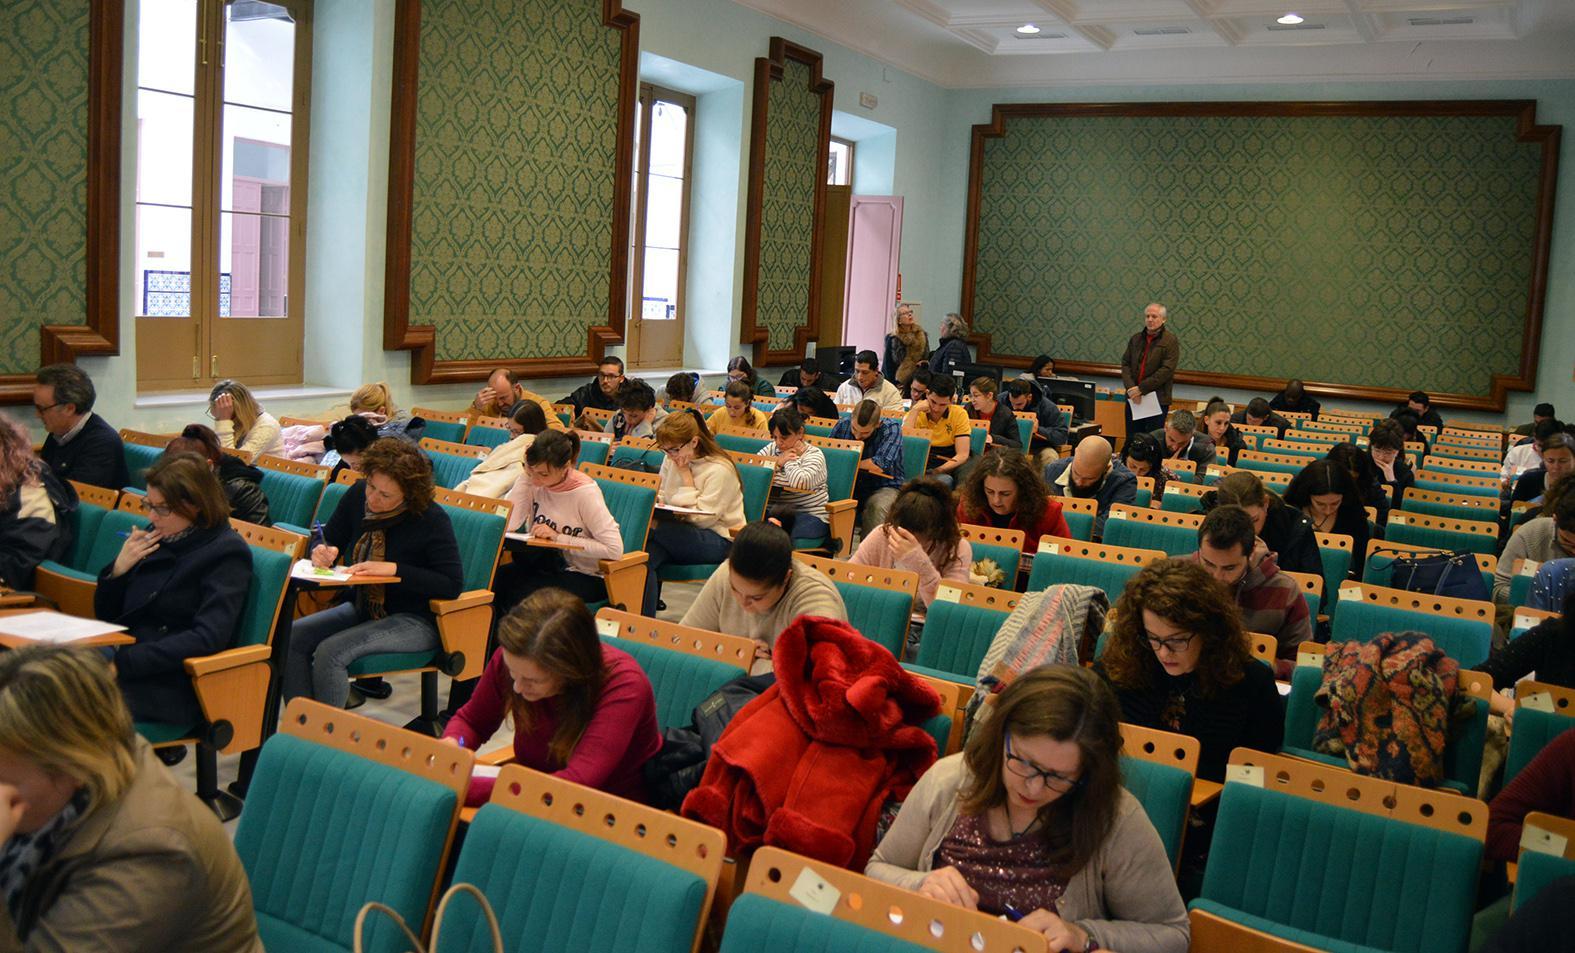 Calendario De Examenes Uned.La Uned Almeria Realiza Los Primeros Examenes Del Cuatrimestre